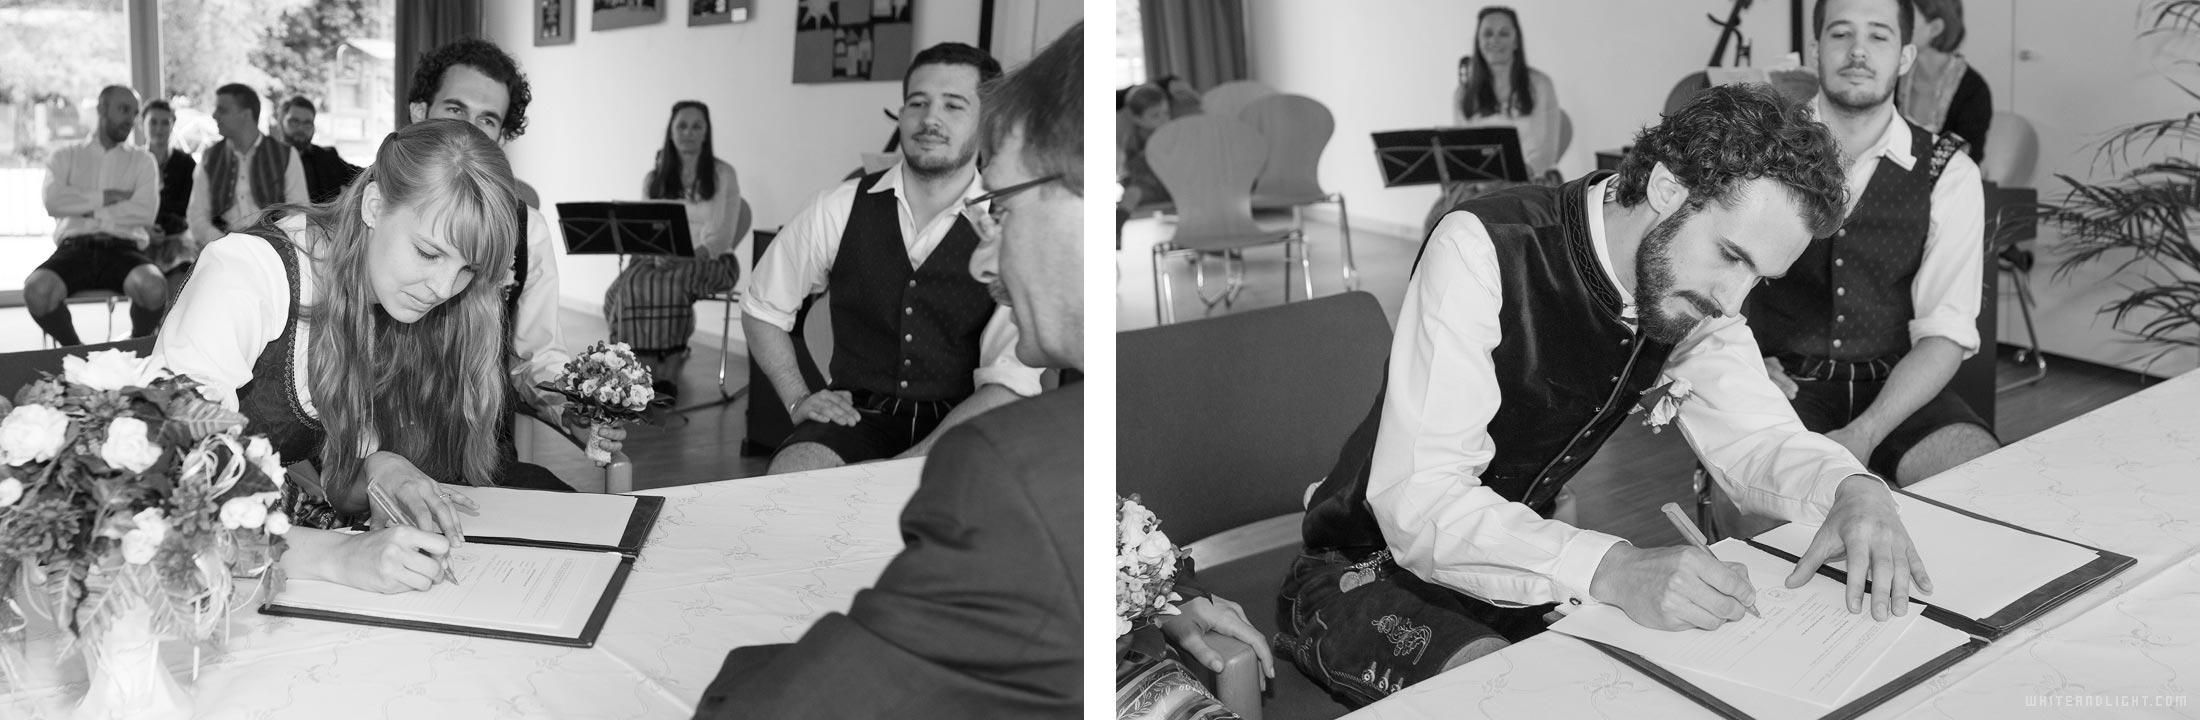 свадьба бавария цена